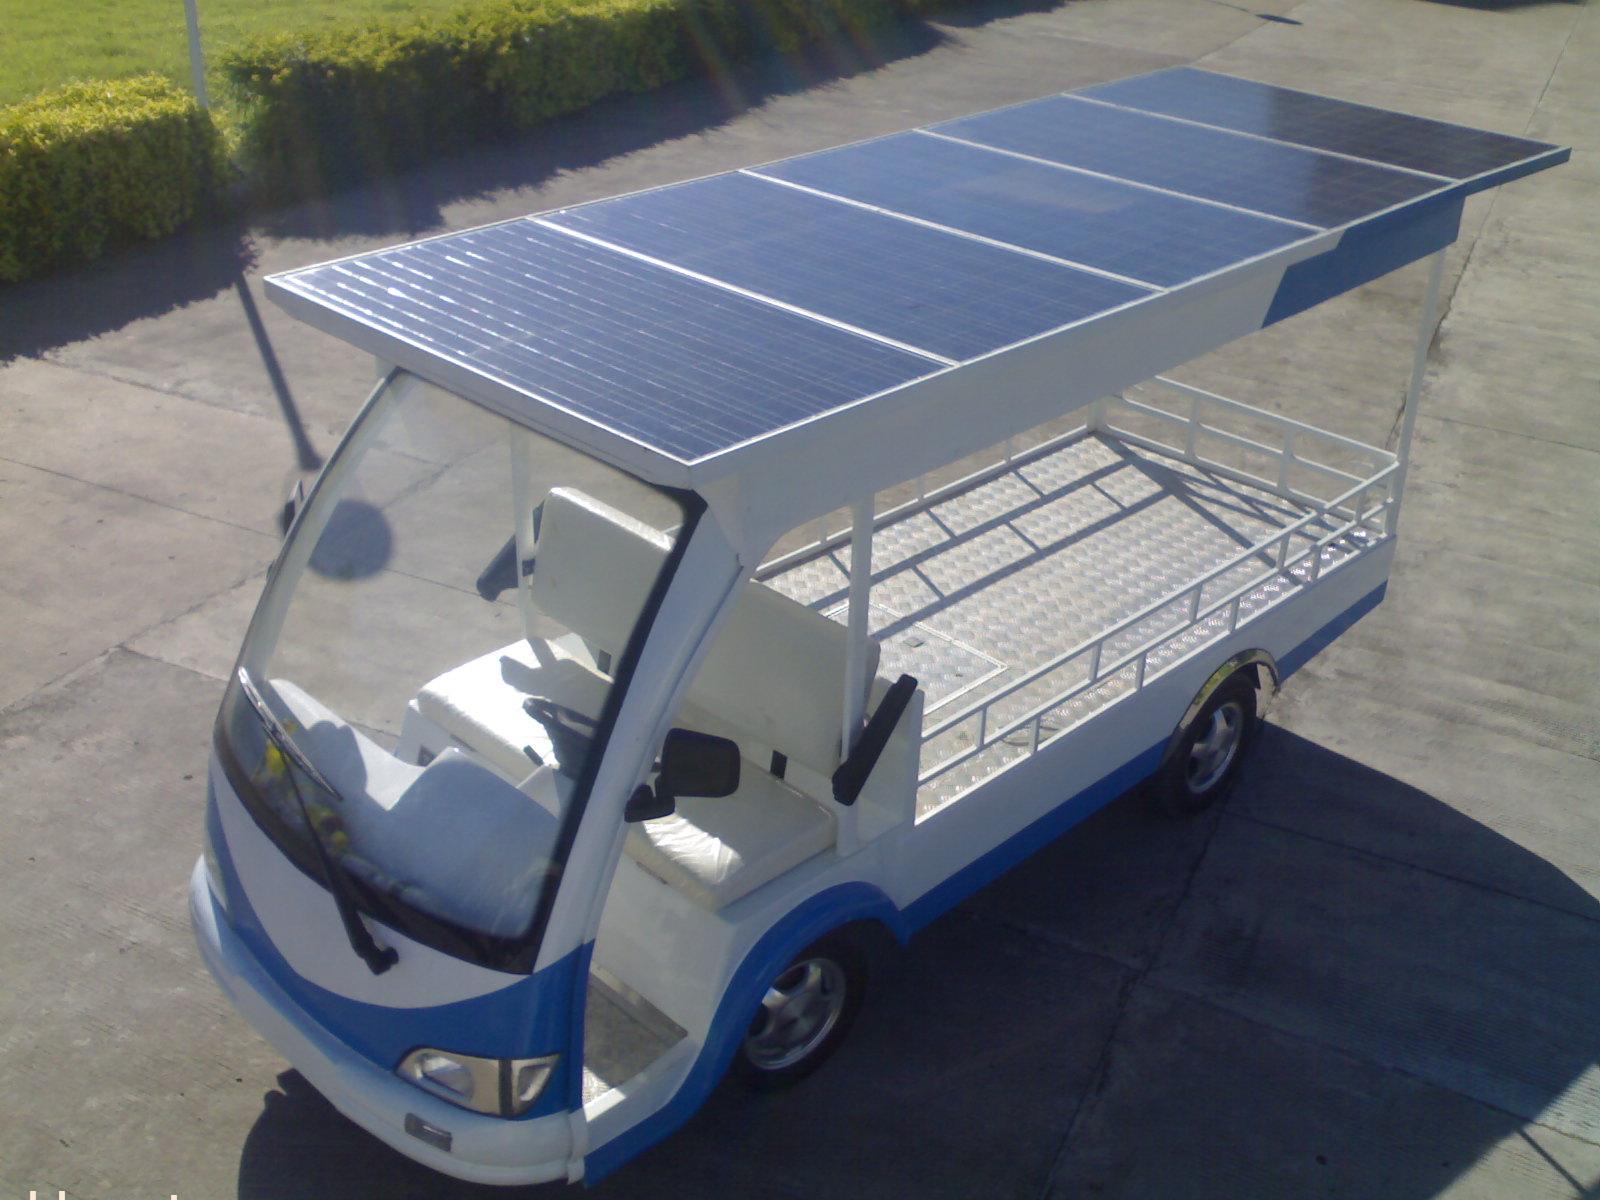 光伏太阳能电瓶货车-海南汇埔新技术有限公司